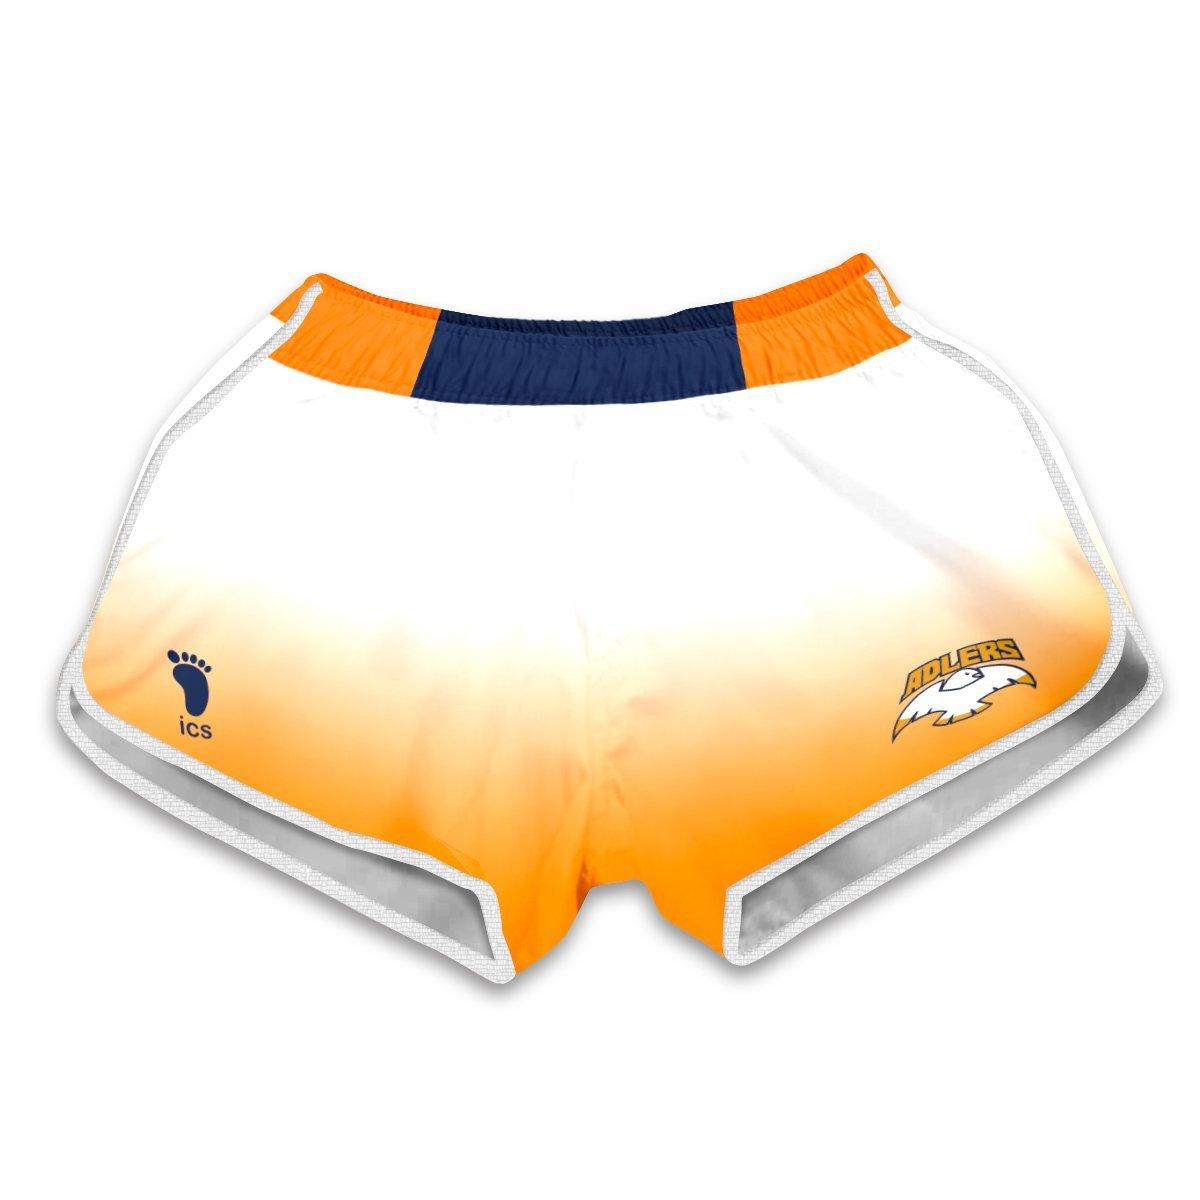 Schweiden Adlers Women Beach Shorts FDM3107 XS Official Anime Swimsuit Merch